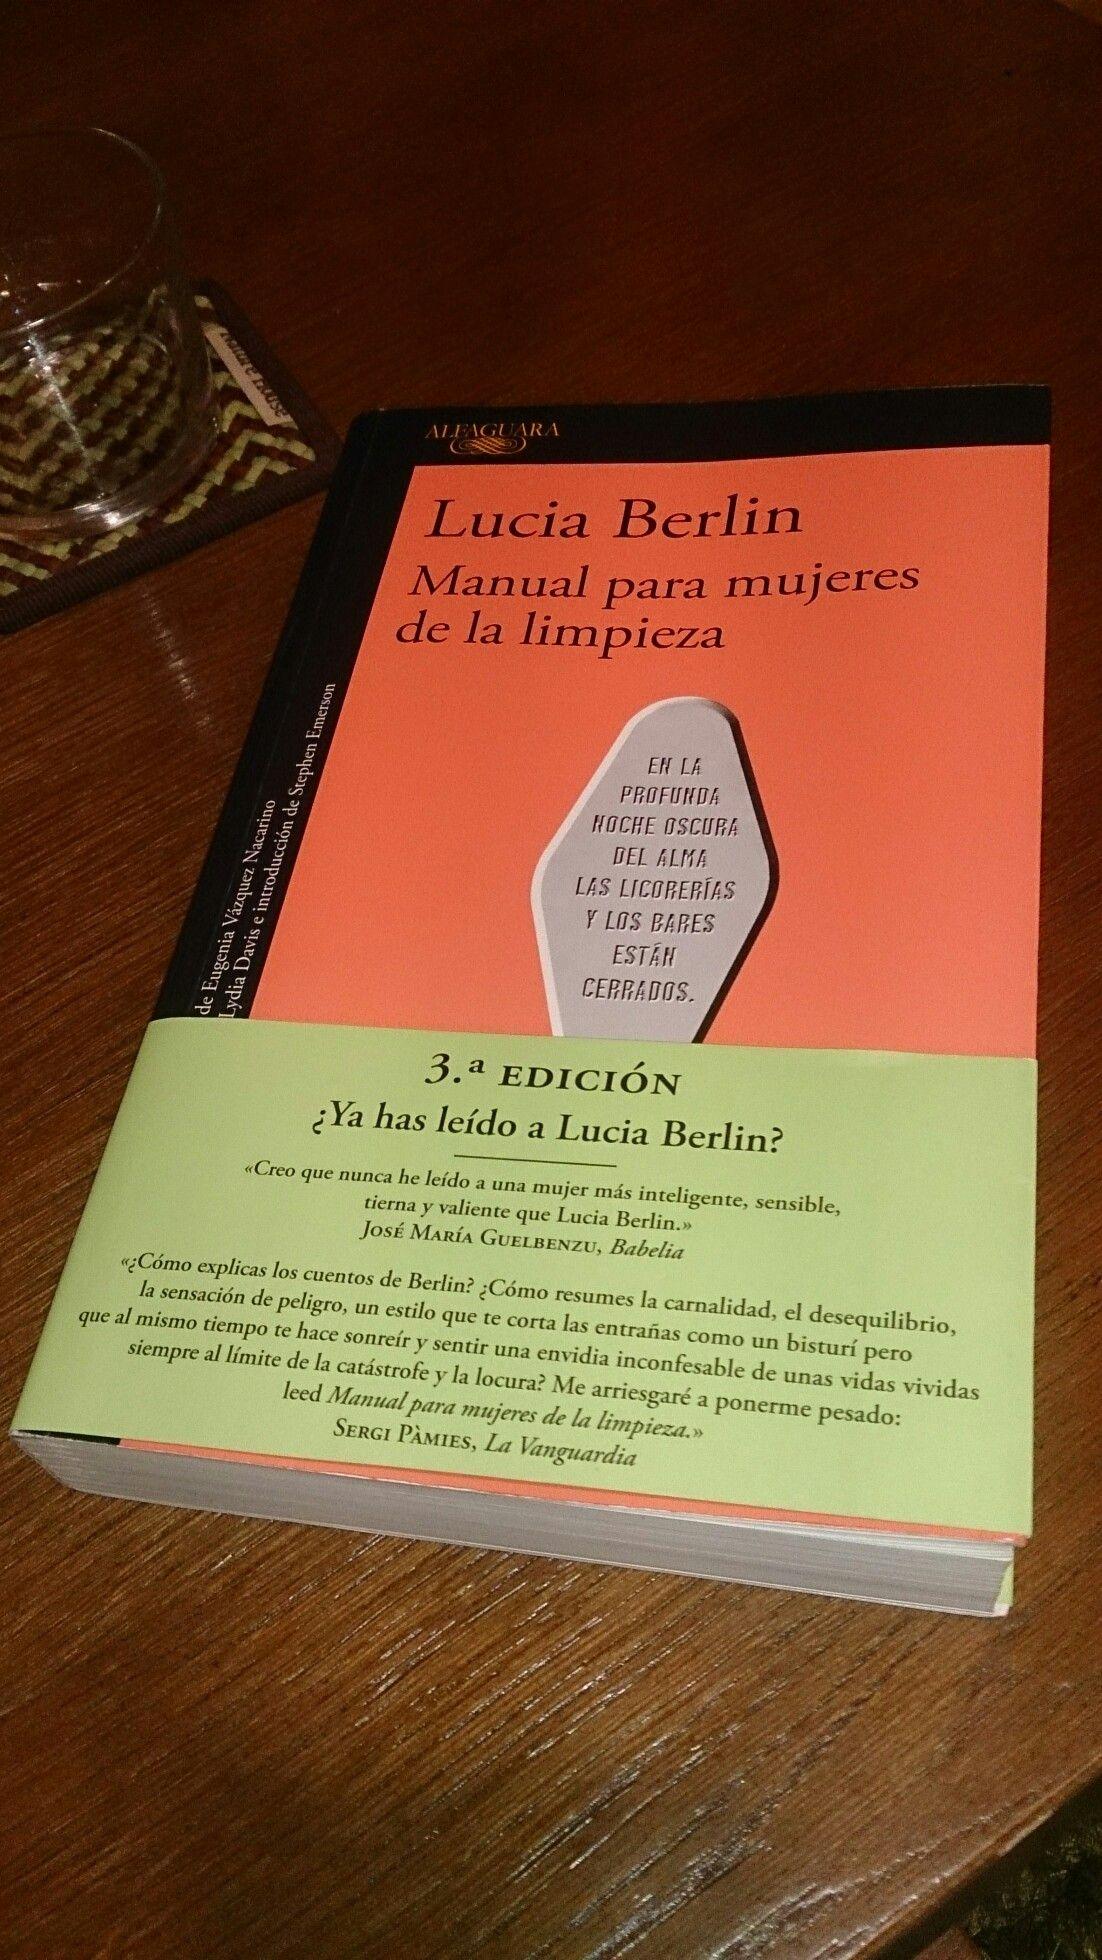 Manual para las mujeres de la limpieza. Lucía Berlín